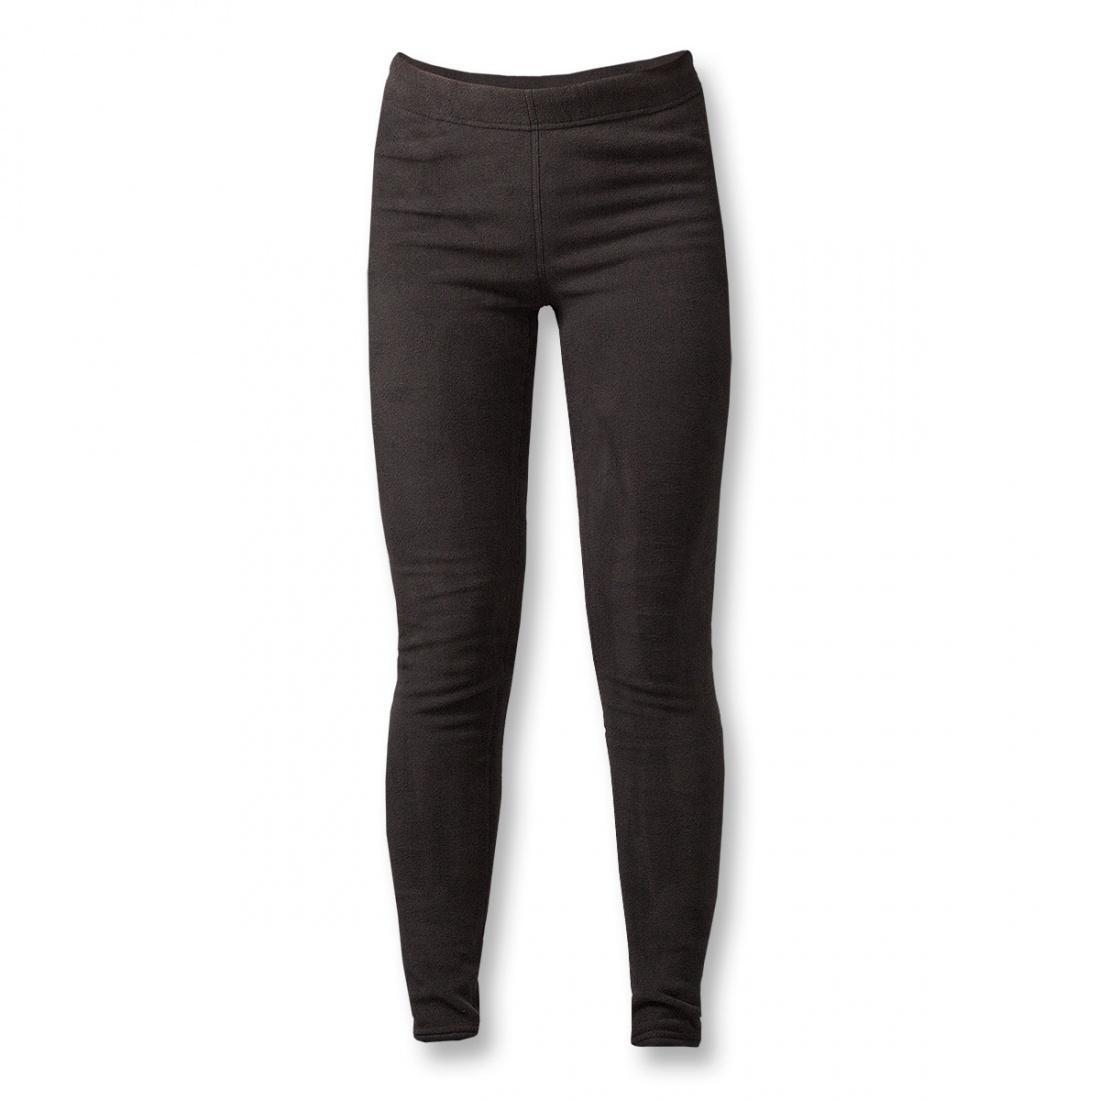 Термобелье брюки Penguin 100 Micro ЖенскиеБрюки<br><br> Комфортные брюки свободного кроя из материалаPolartec®Micro. благодаря особой конструкции микроволокон, обладают высокими теплоизолирующимисвойствами и создают благоприятный микроклимат длятела. Могут использоваться в качестве базового слоя<br>...<br><br>Цвет: Черный<br>Размер: 44